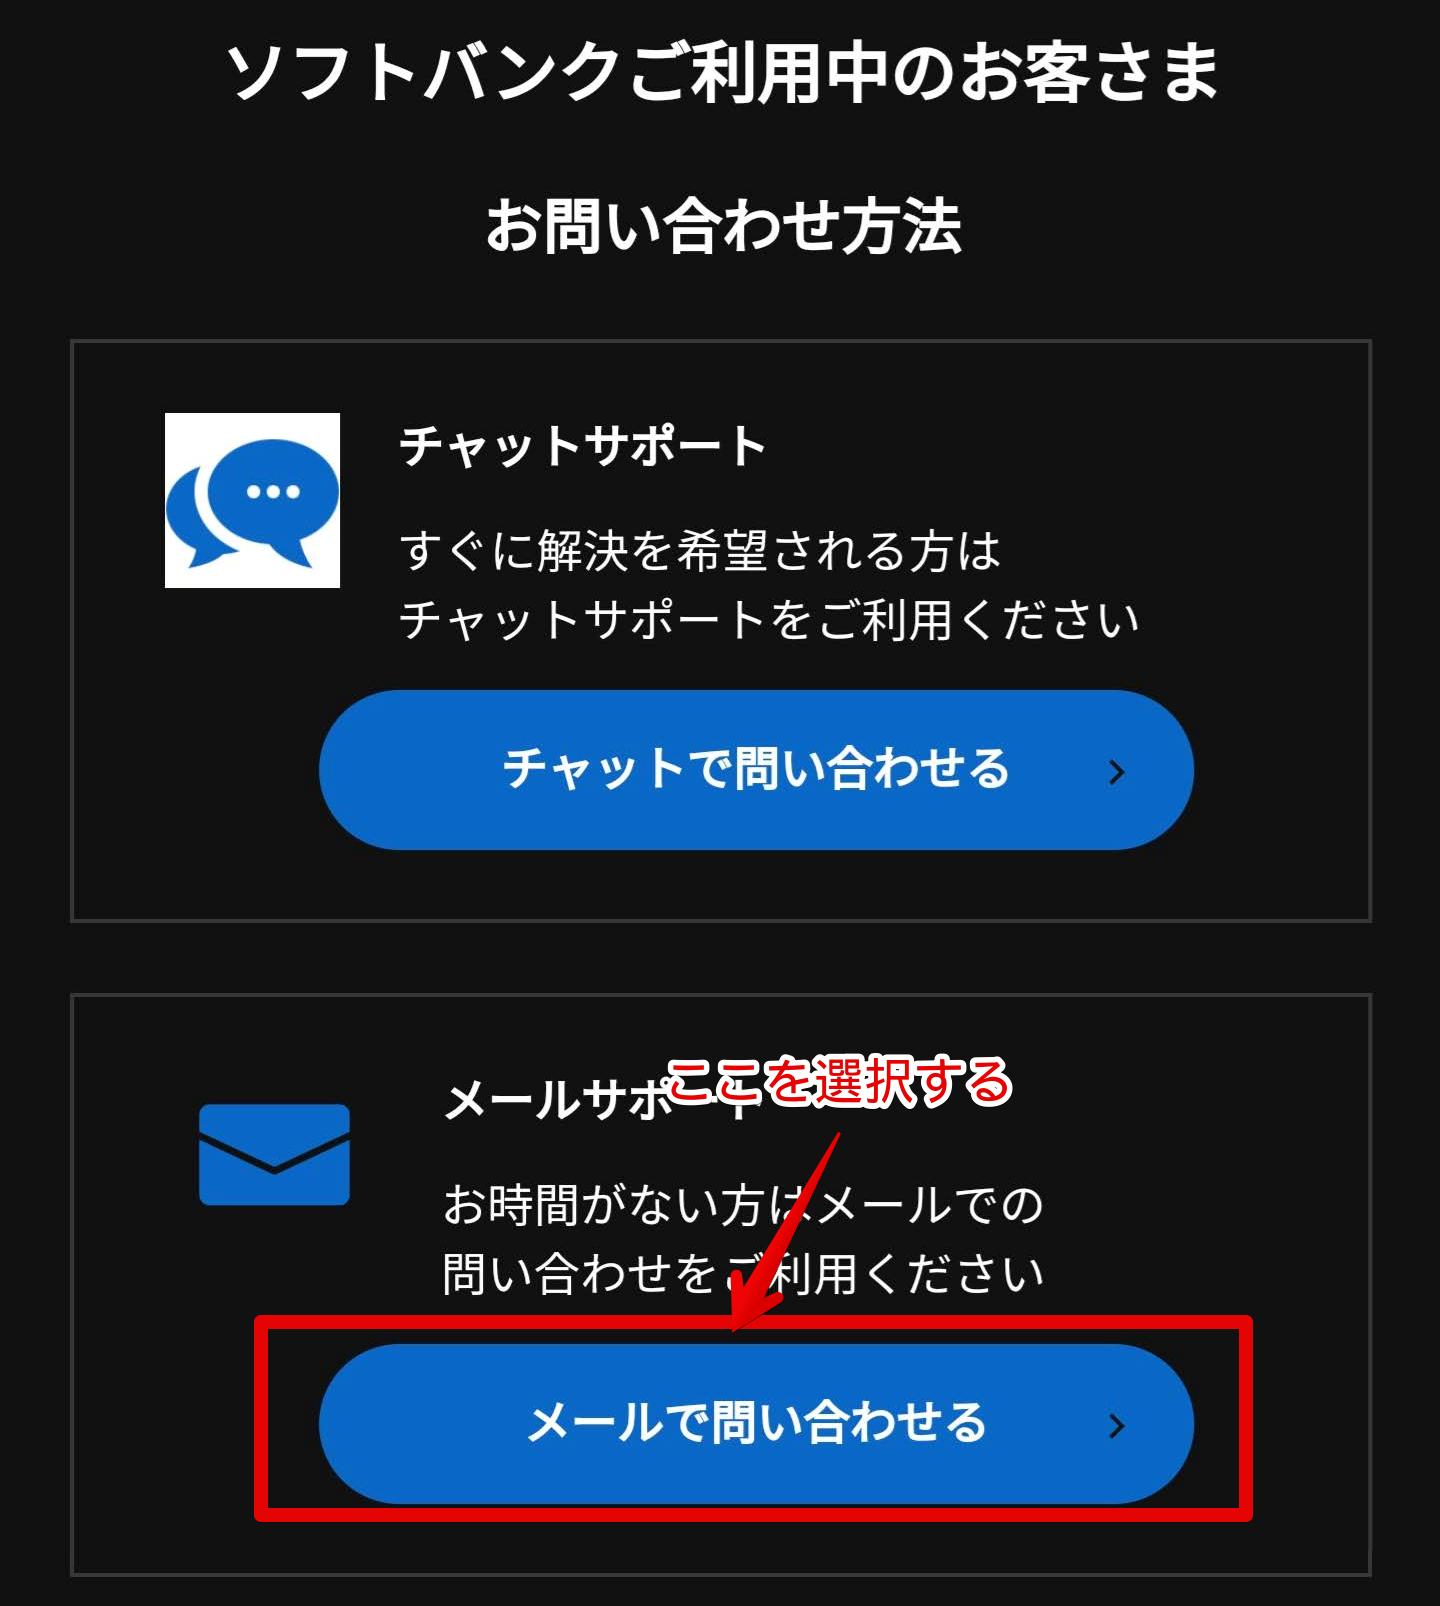 メールでの問い合わせ2